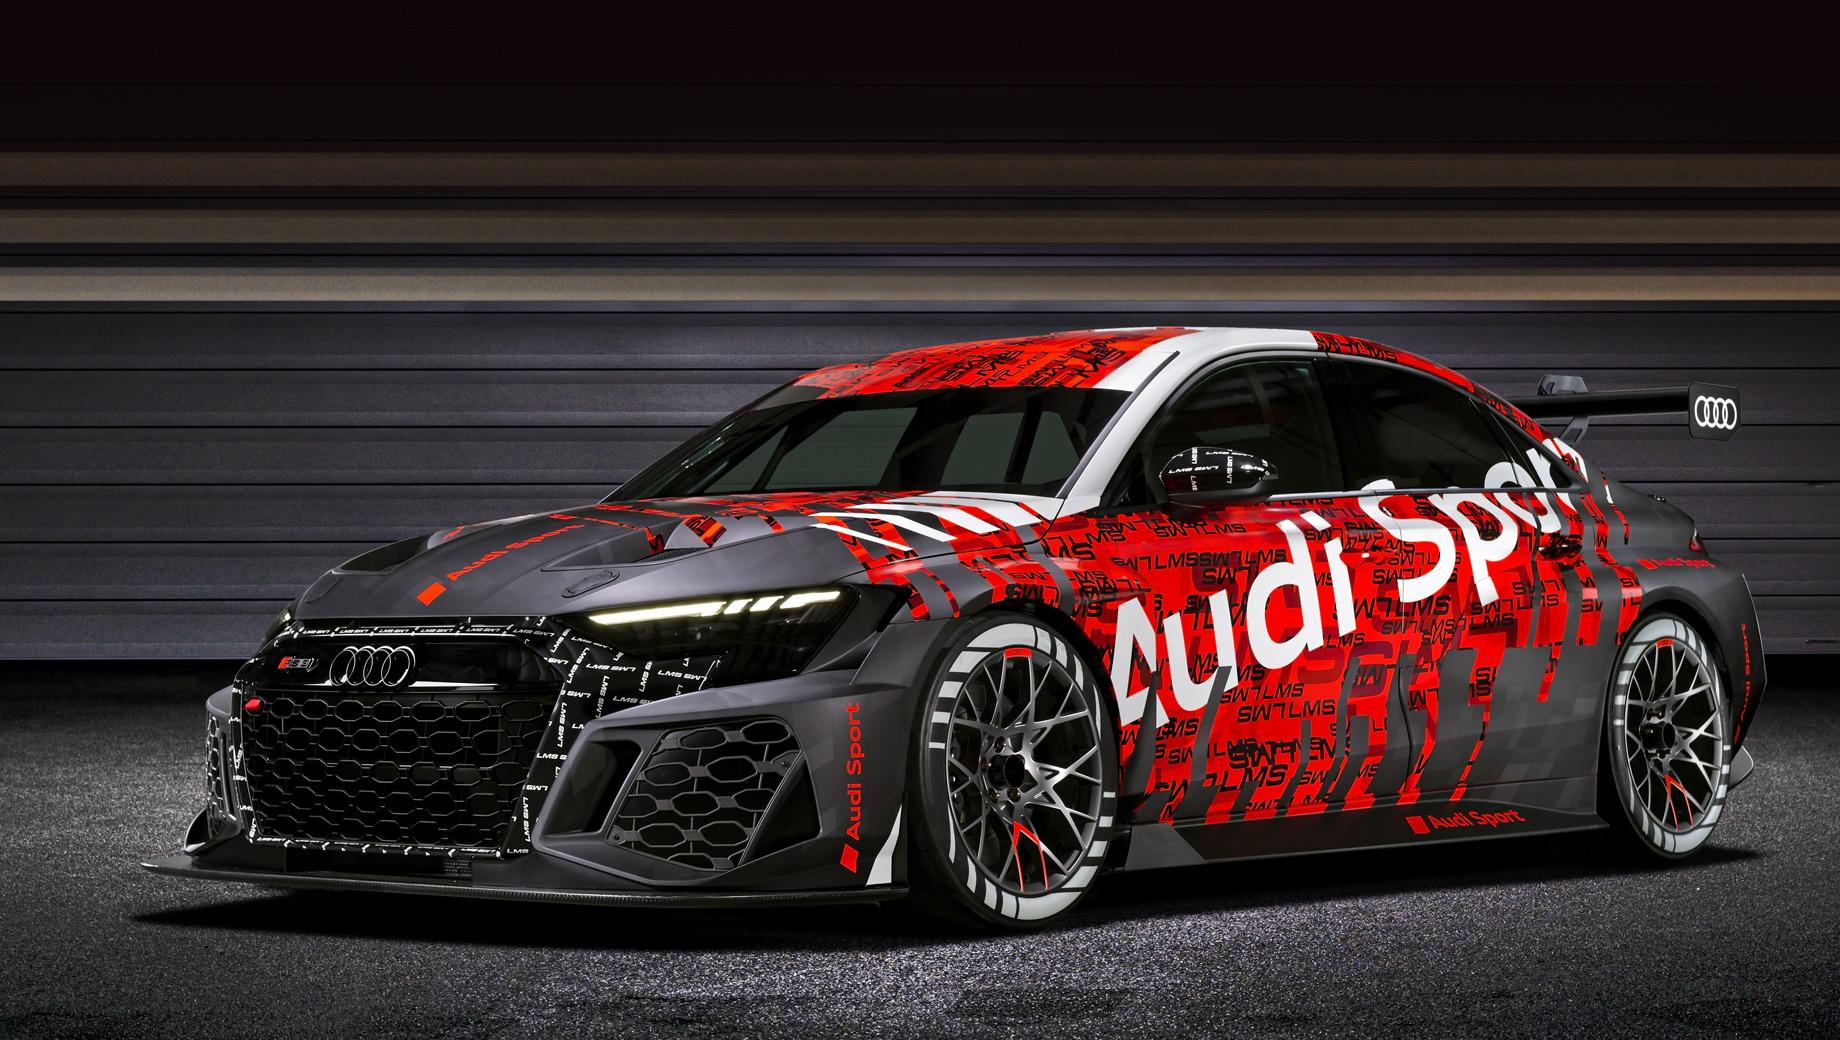 Audi RS 3 LMS пообещал лучше подстраиваться под трассу